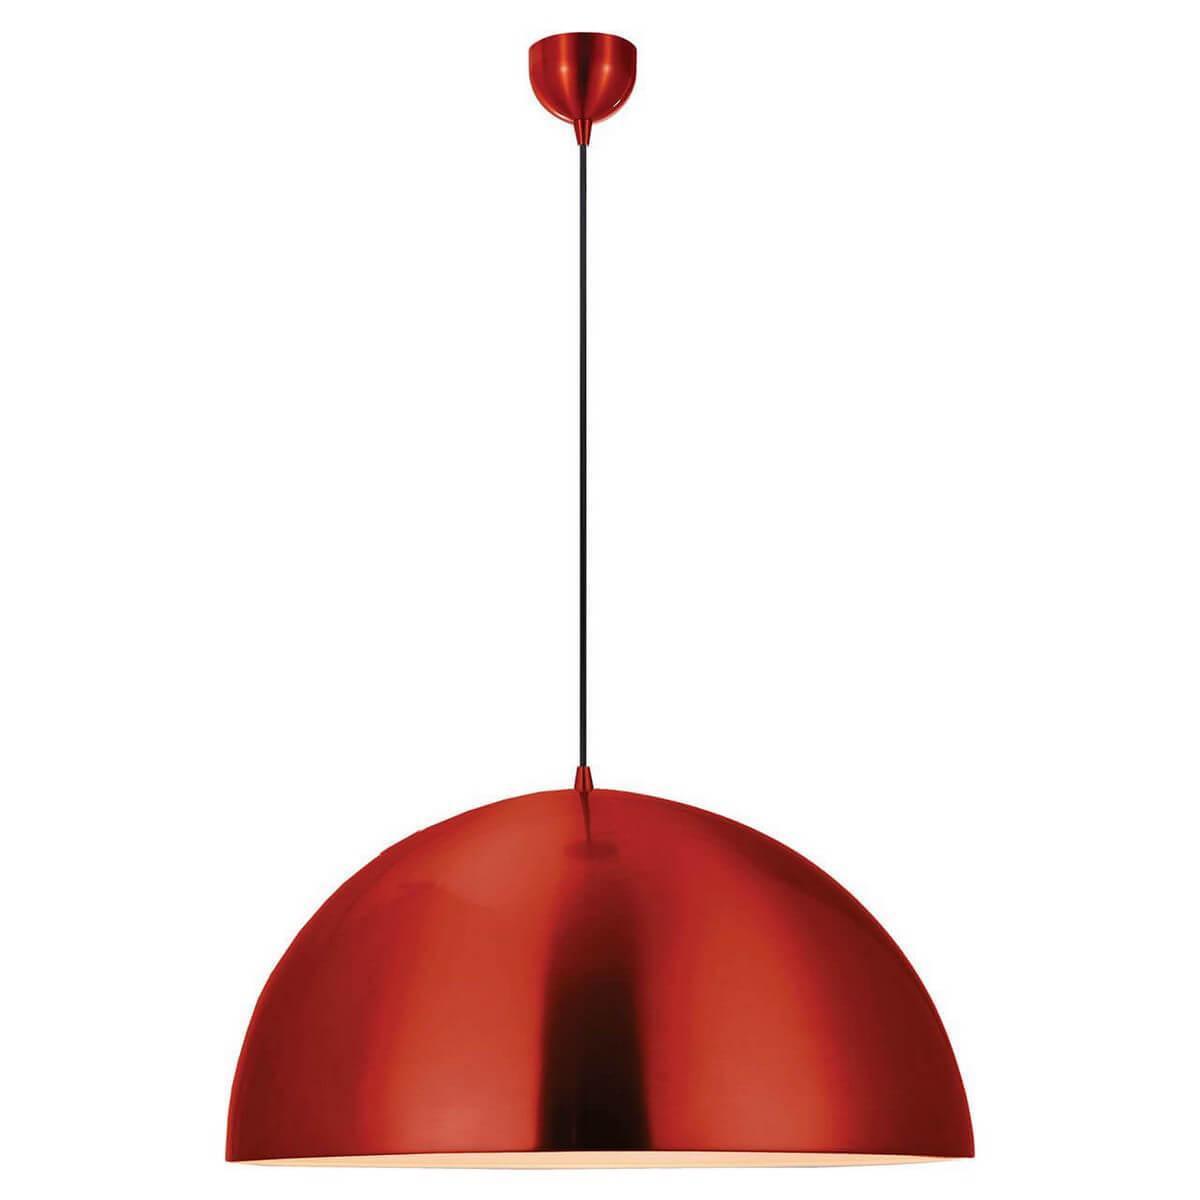 Подвесной светильник Lussole LOFT GRLSP-9654, E27, 11 Вт подвесной светильник lussole loft grlsp 9654